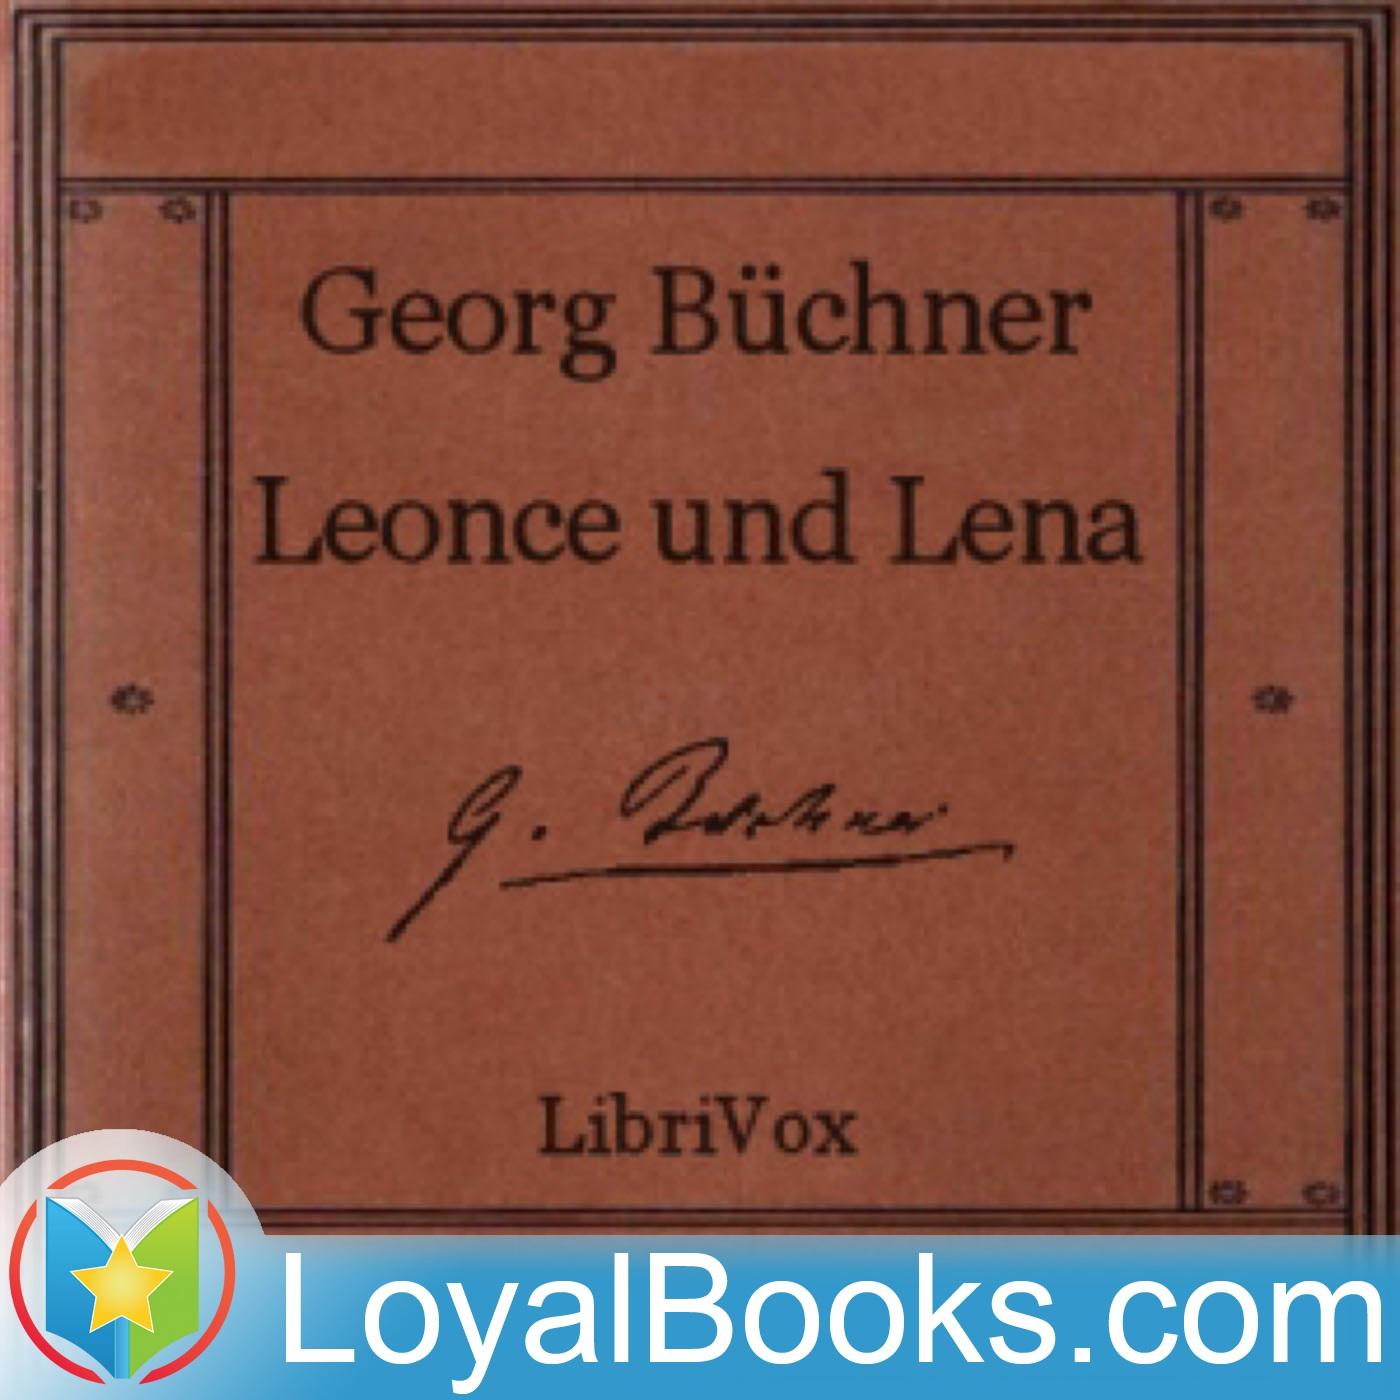 <![CDATA[Leonce und Lena by Georg Büchner]]>